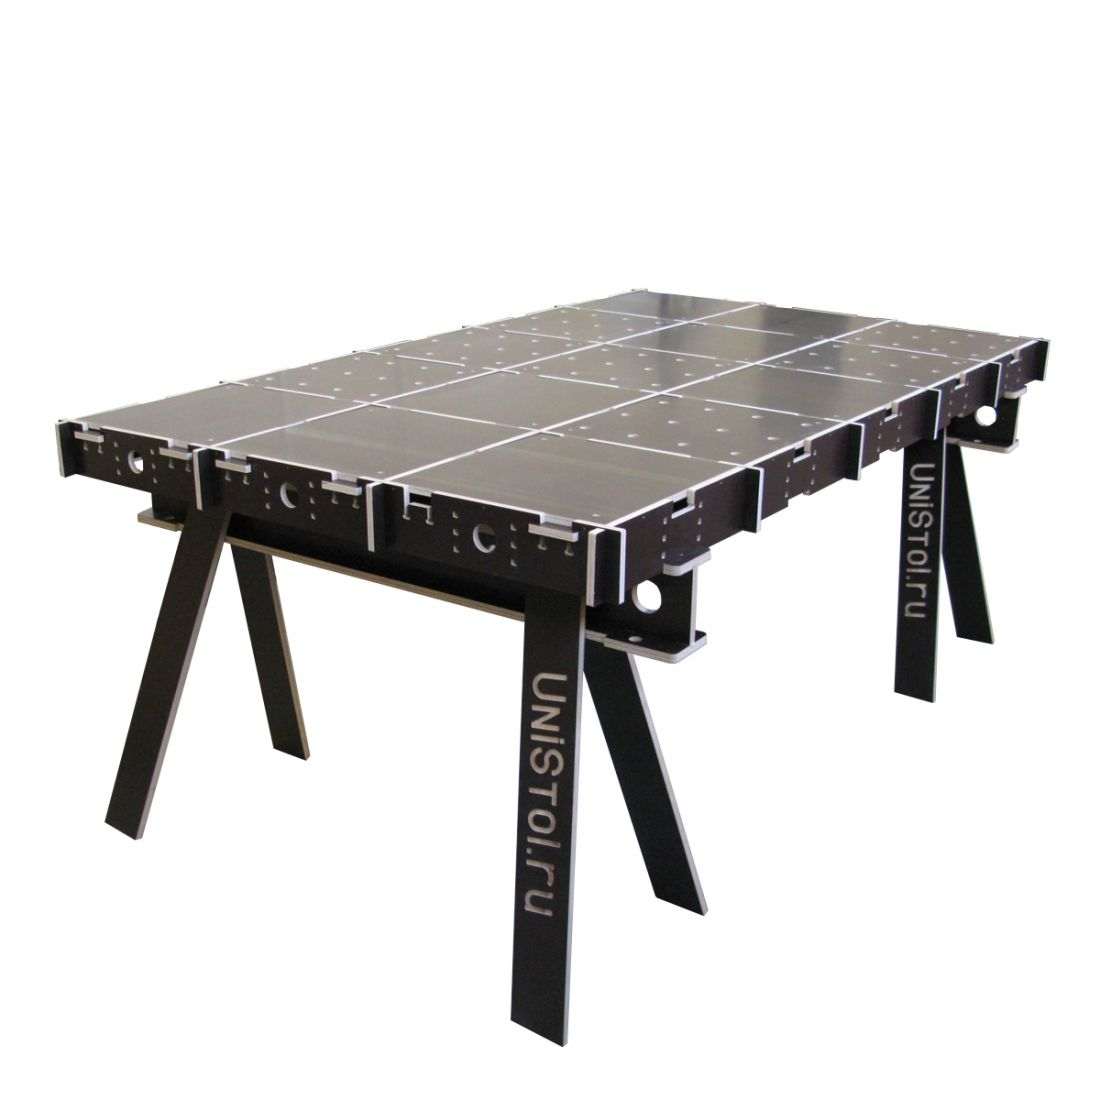 Ячеистый стол для раскроя листовых материалов 2000x1200 мм со столешницой